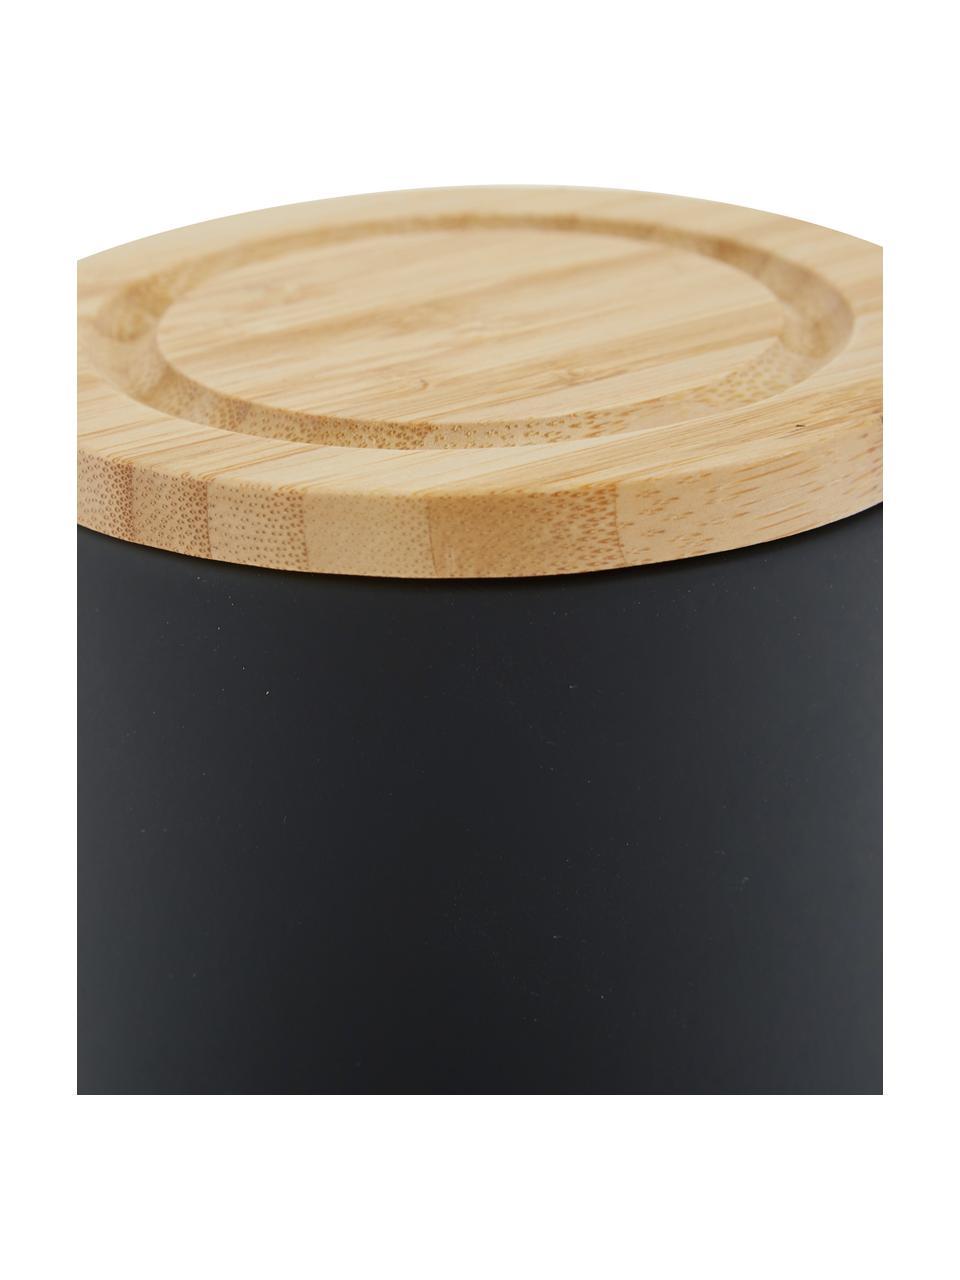 Aufbewahrungsdose Stak, verschiedene Größen, Dose: Keramik, Deckel: Bambusholz, Schwarz, Bambus, Ø 10 x H 13 cm